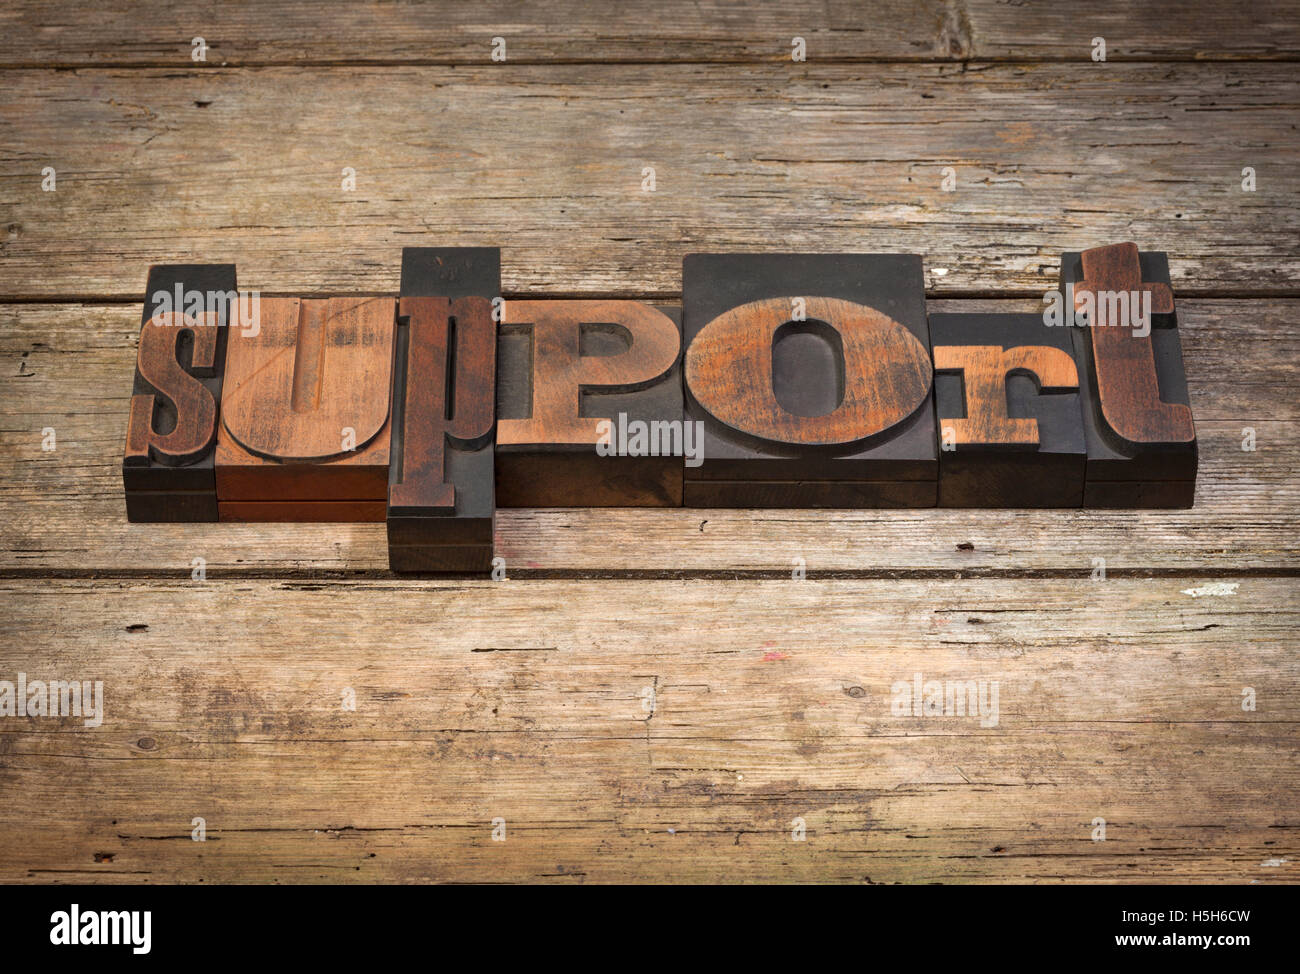 Soutien, mot écrit avec la typographie vintage blocks sur fond de bois rustique Banque D'Images